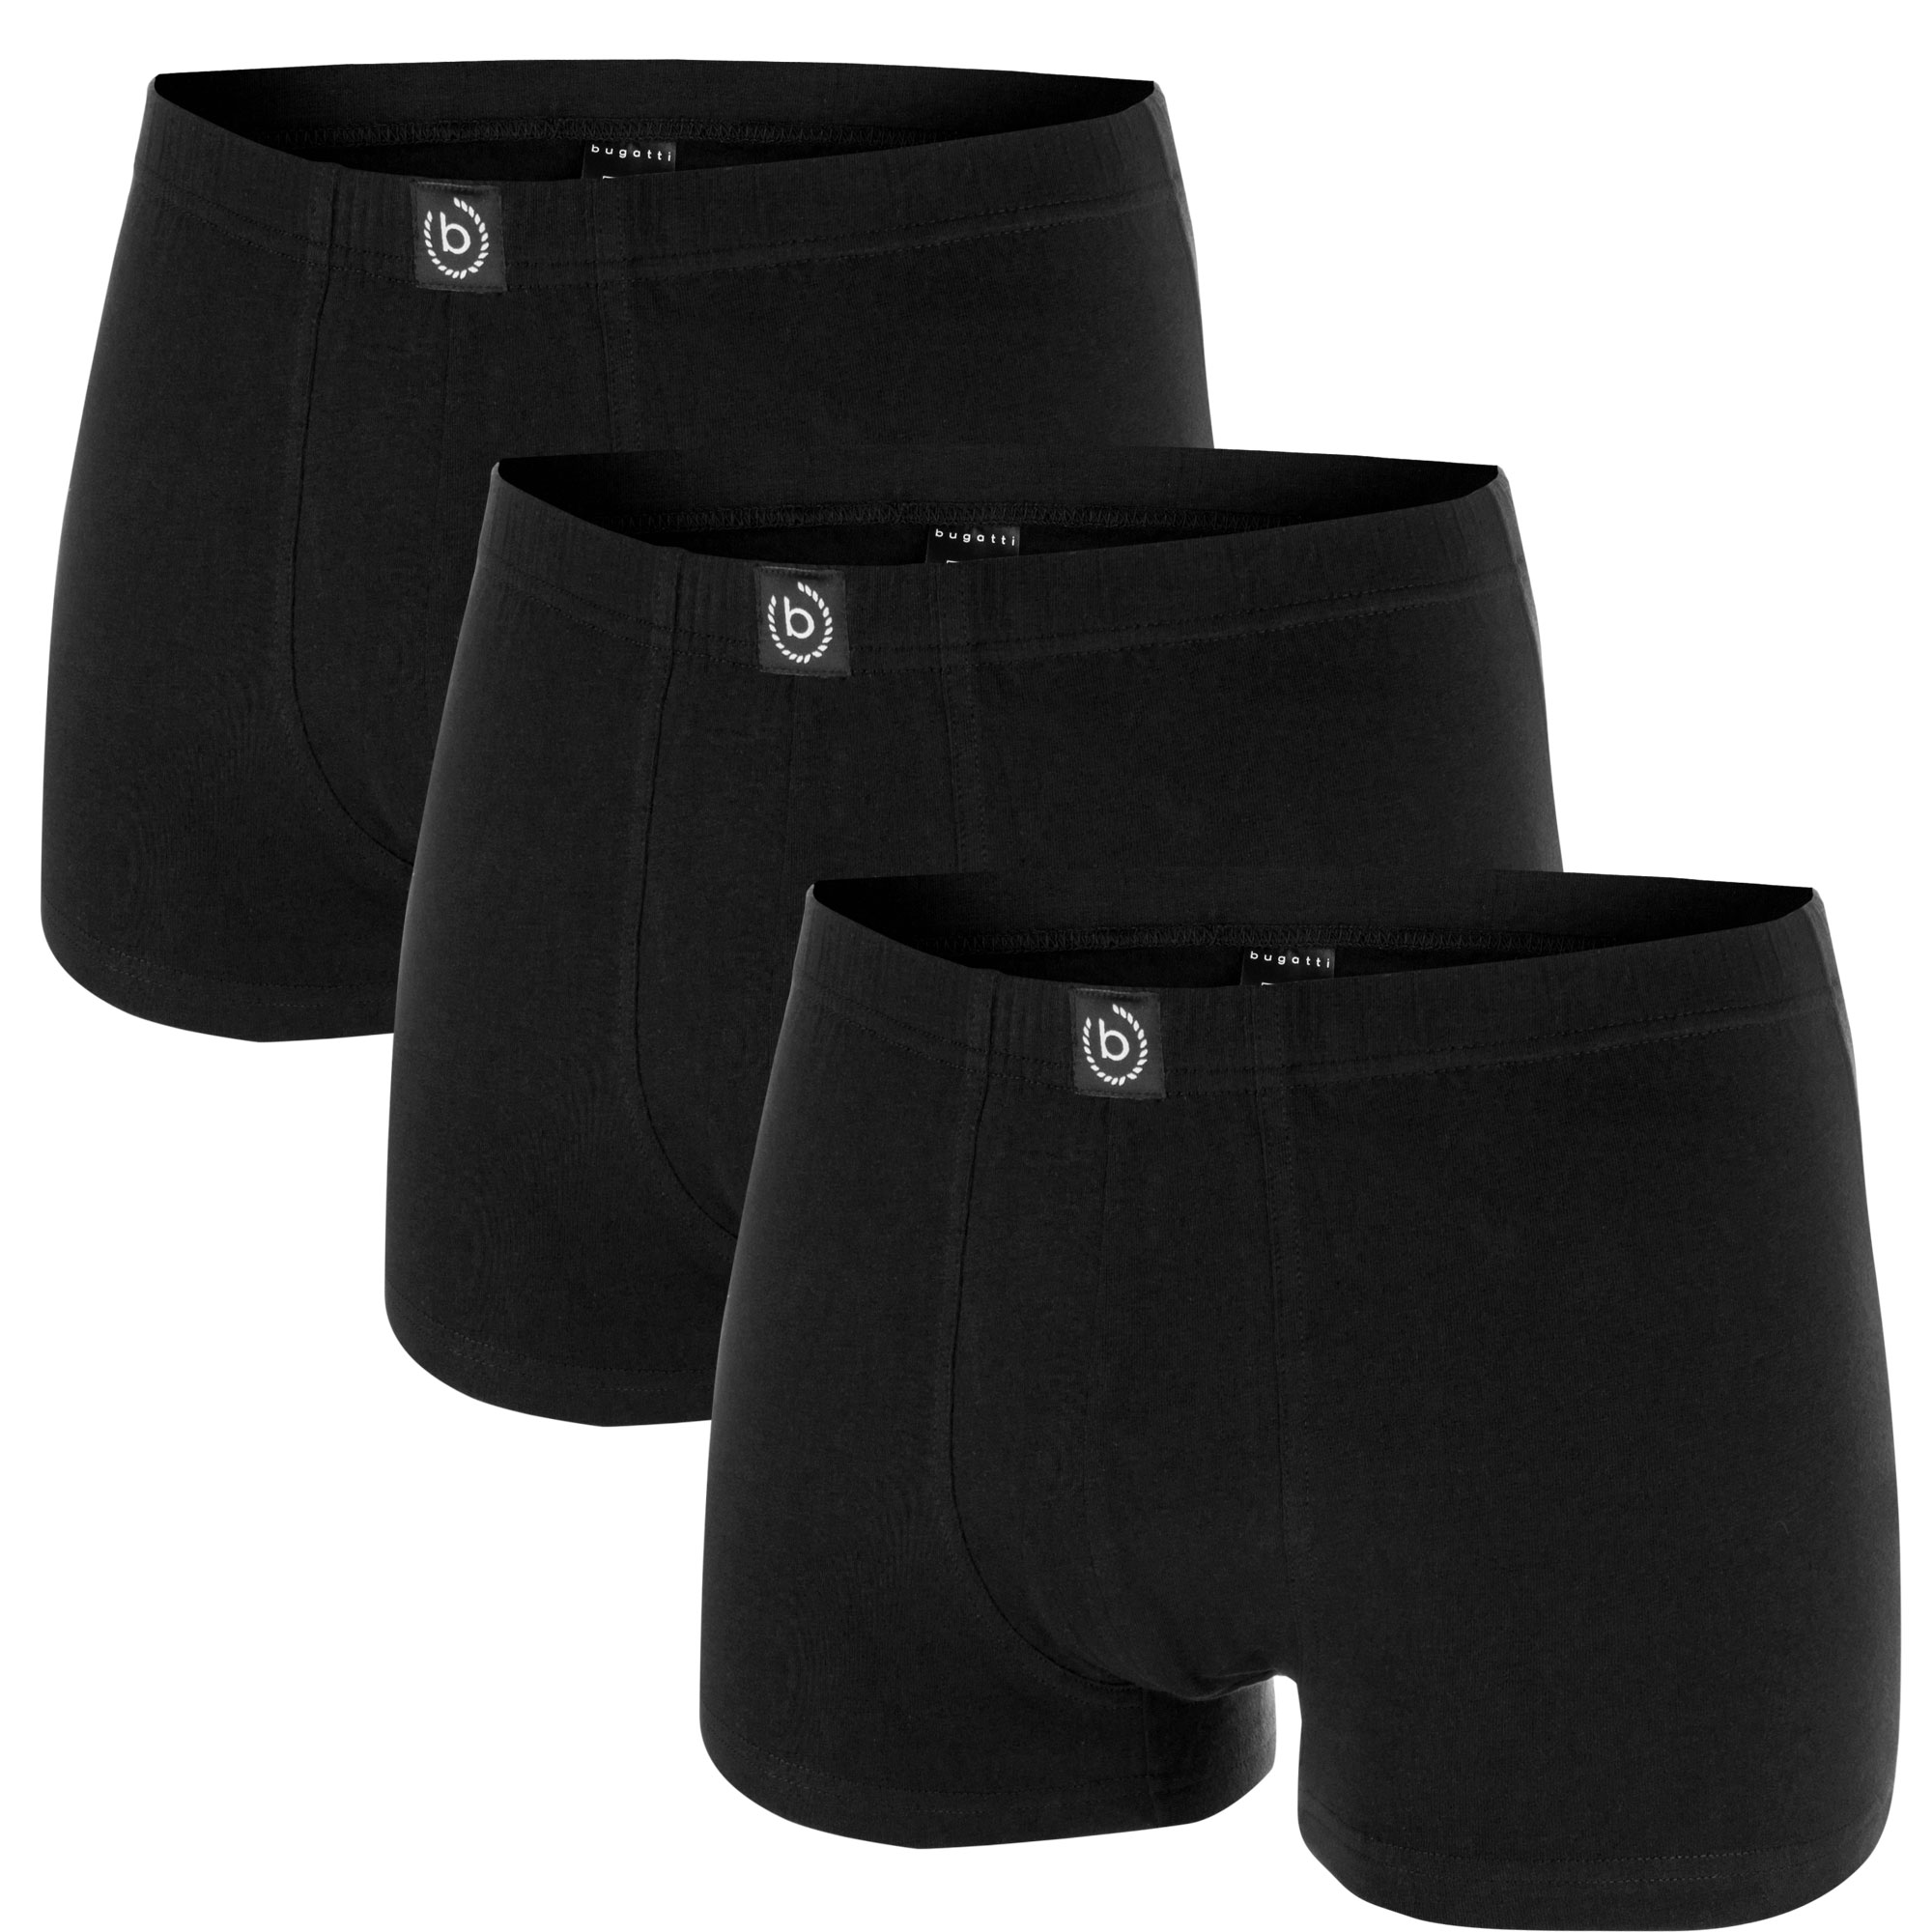 bugatti Herren Boxershorts / Pants in einer Box, 3 Stück – Bild 3